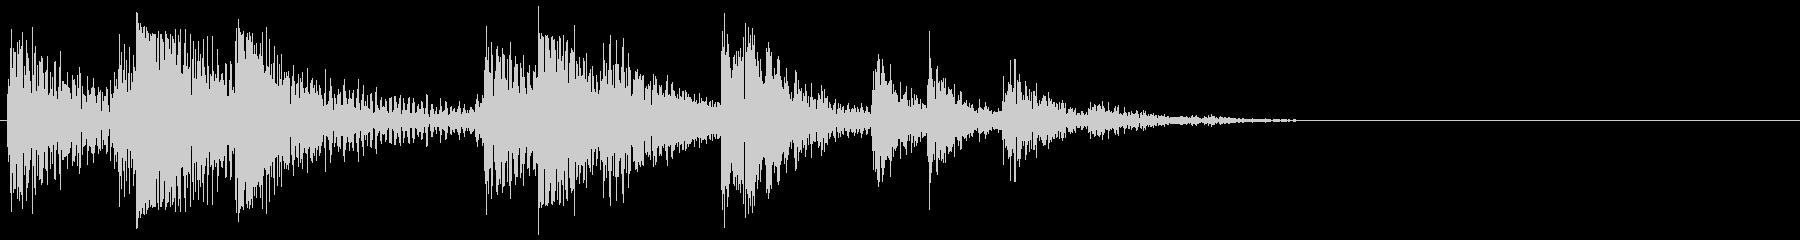 セラミックタイル:ハードピースでの...の未再生の波形